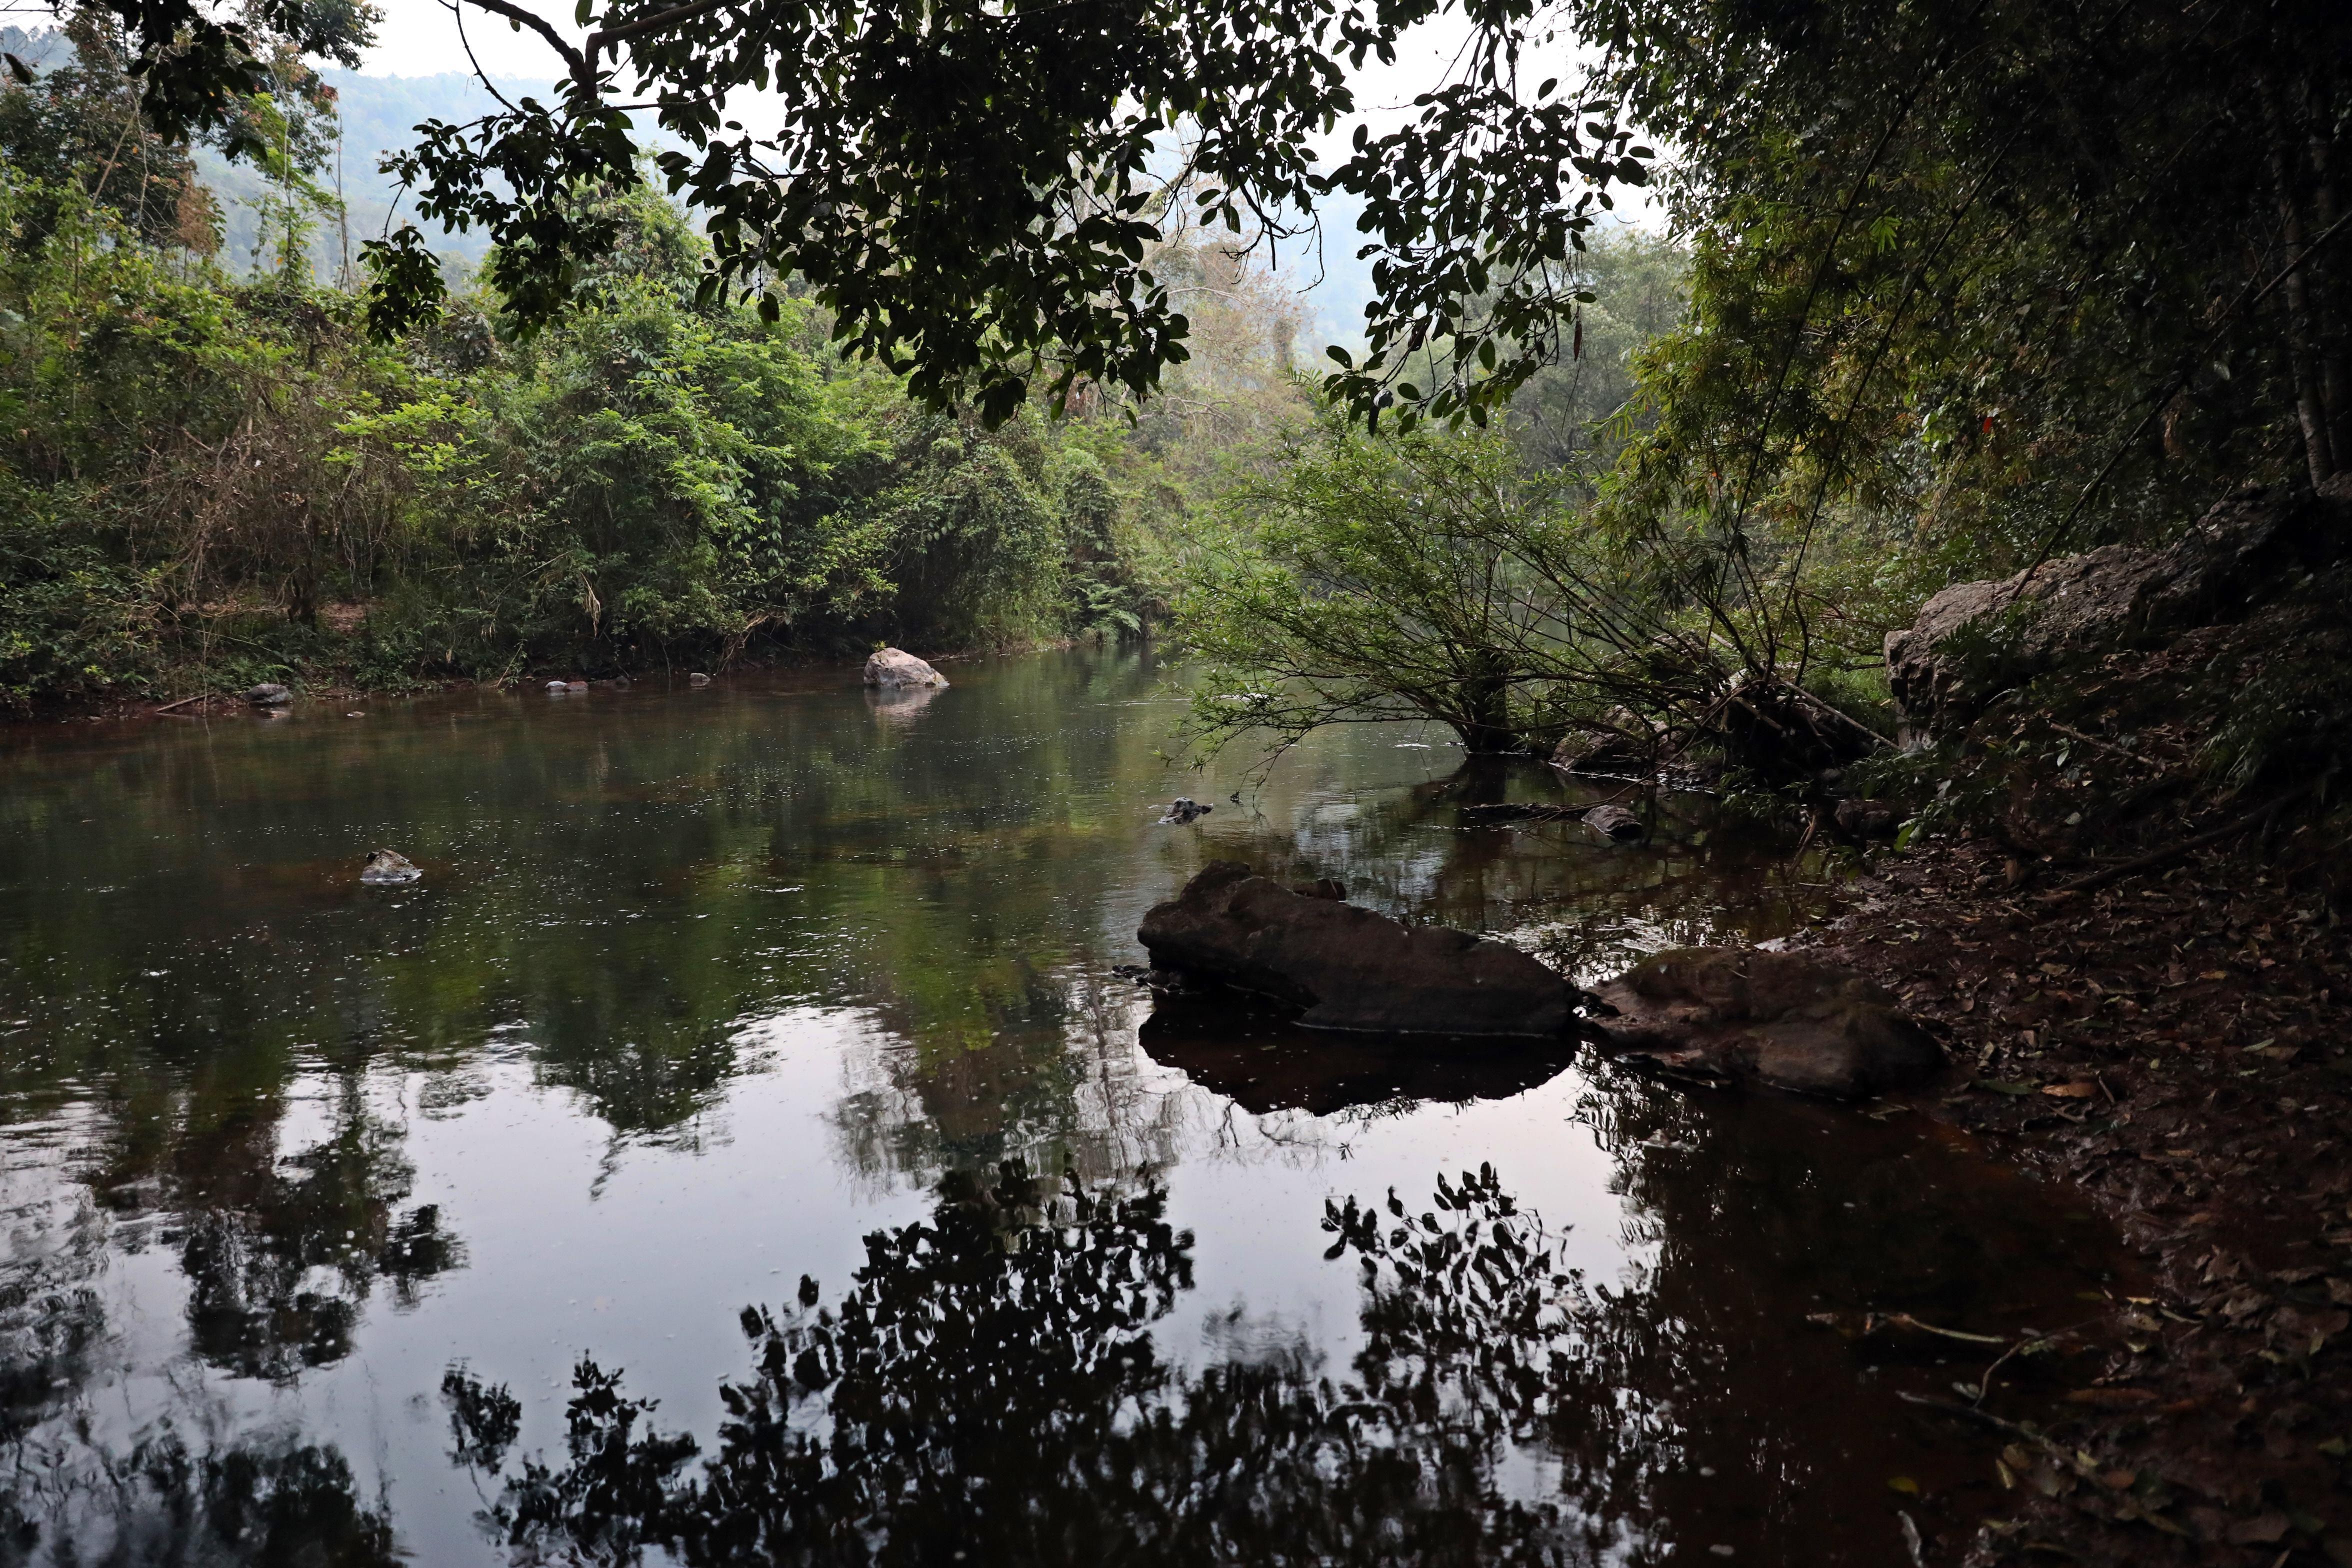 Nam Ha River